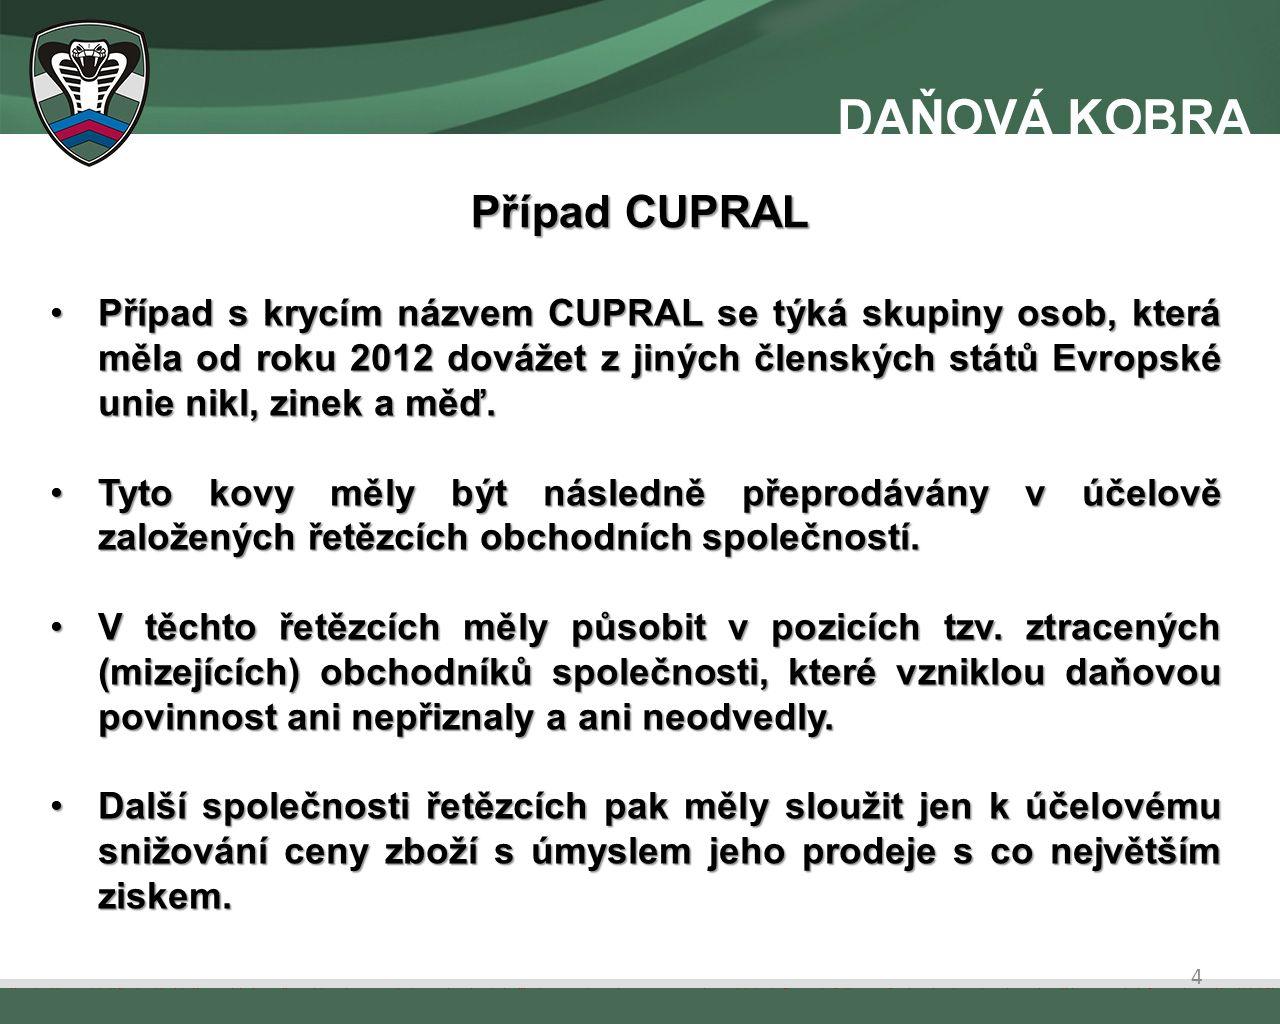 Případ s krycím názvem CUPRAL se týká skupiny osob, která měla od roku 2012 dovážet z jiných členských států Evropské unie nikl, zinek a měď.Případ s krycím názvem CUPRAL se týká skupiny osob, která měla od roku 2012 dovážet z jiných členských států Evropské unie nikl, zinek a měď.